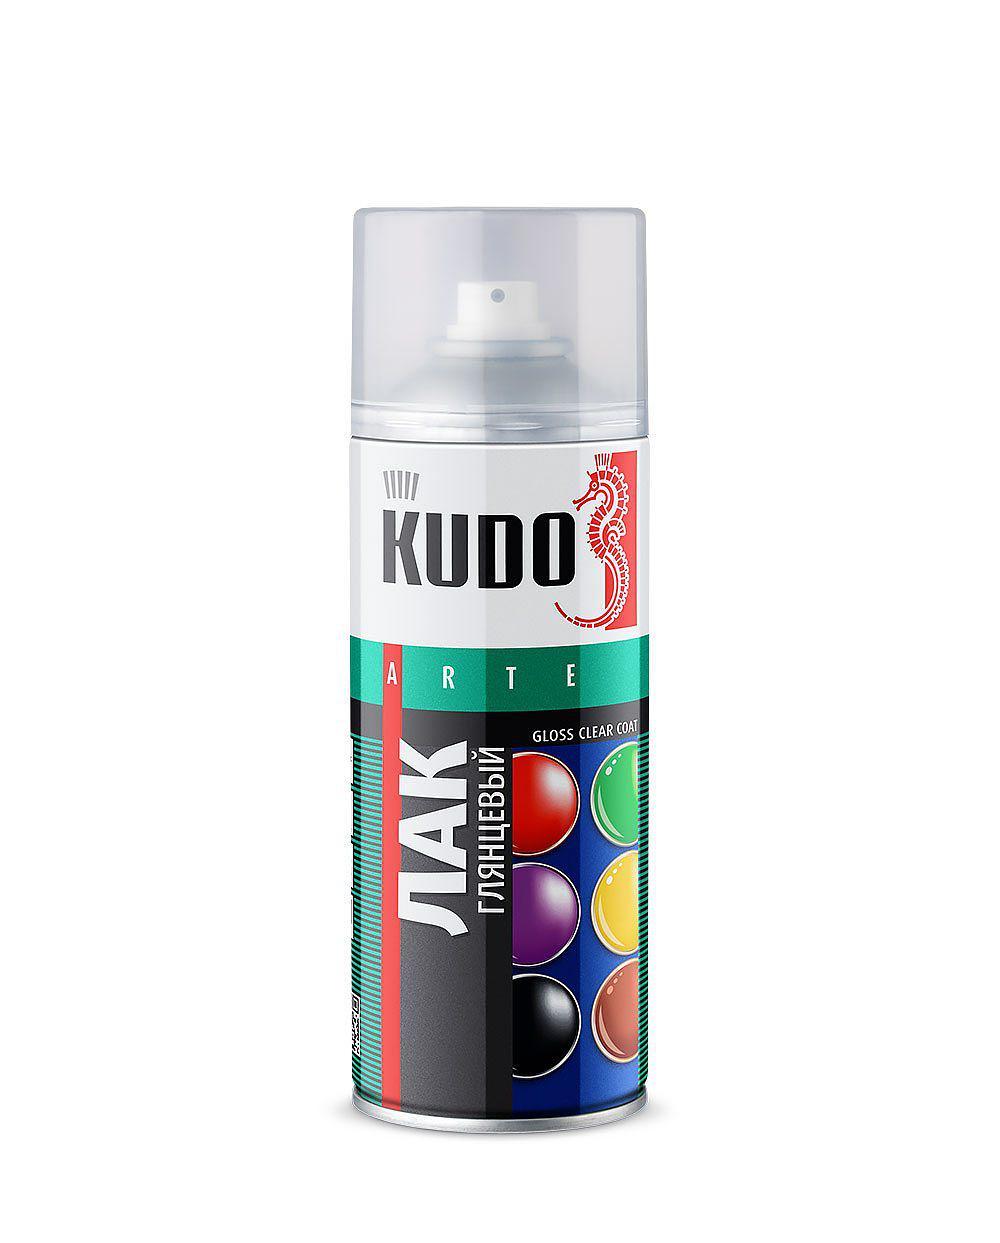 http://kudo-paint.ru/wp-content/uploads/KU-9002.jpg